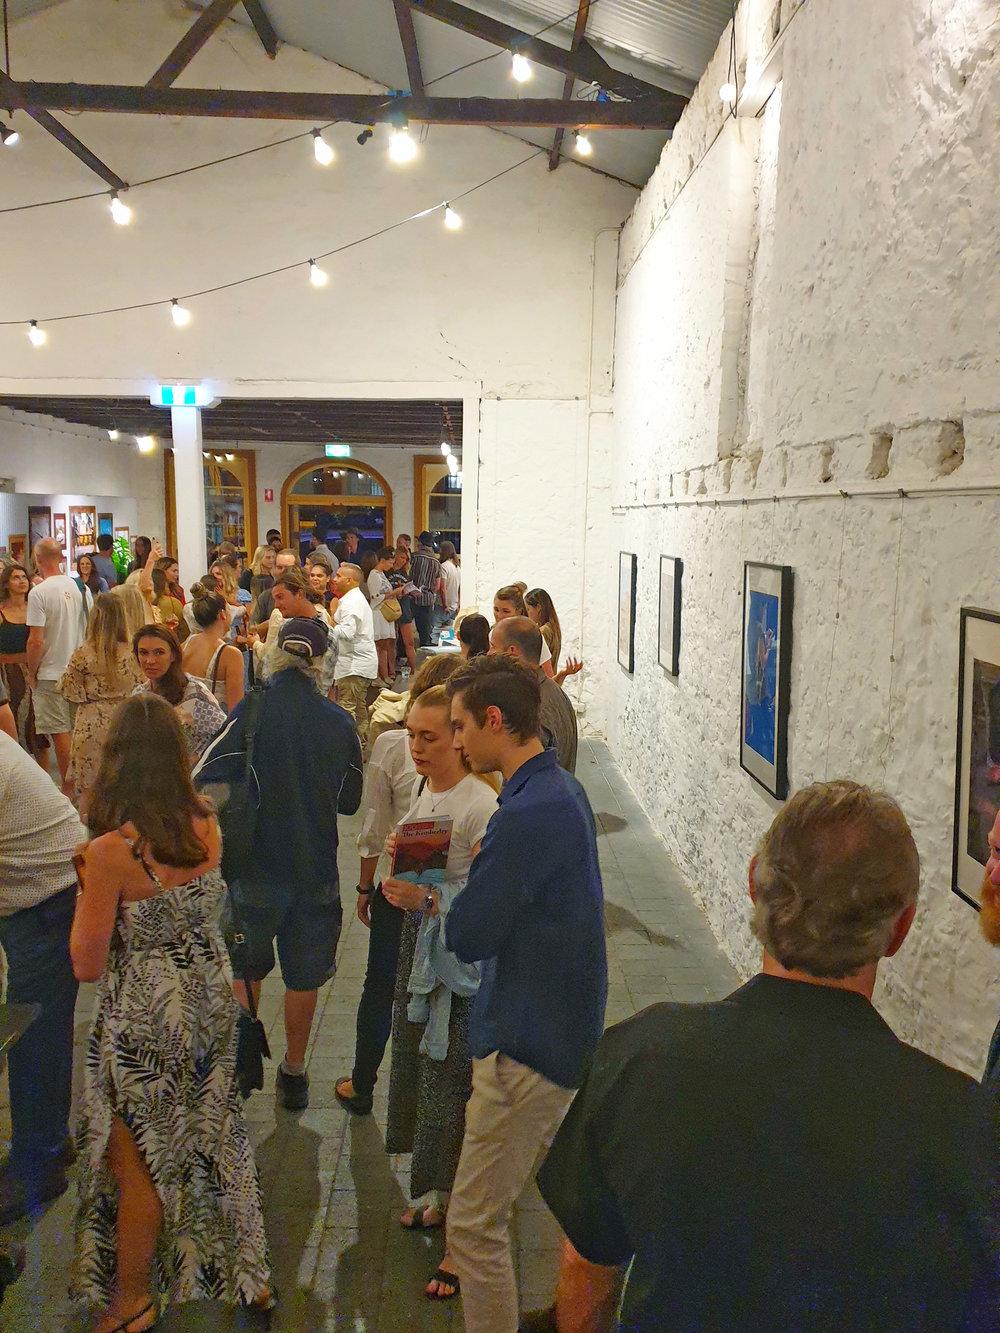 moores-gallery-perth